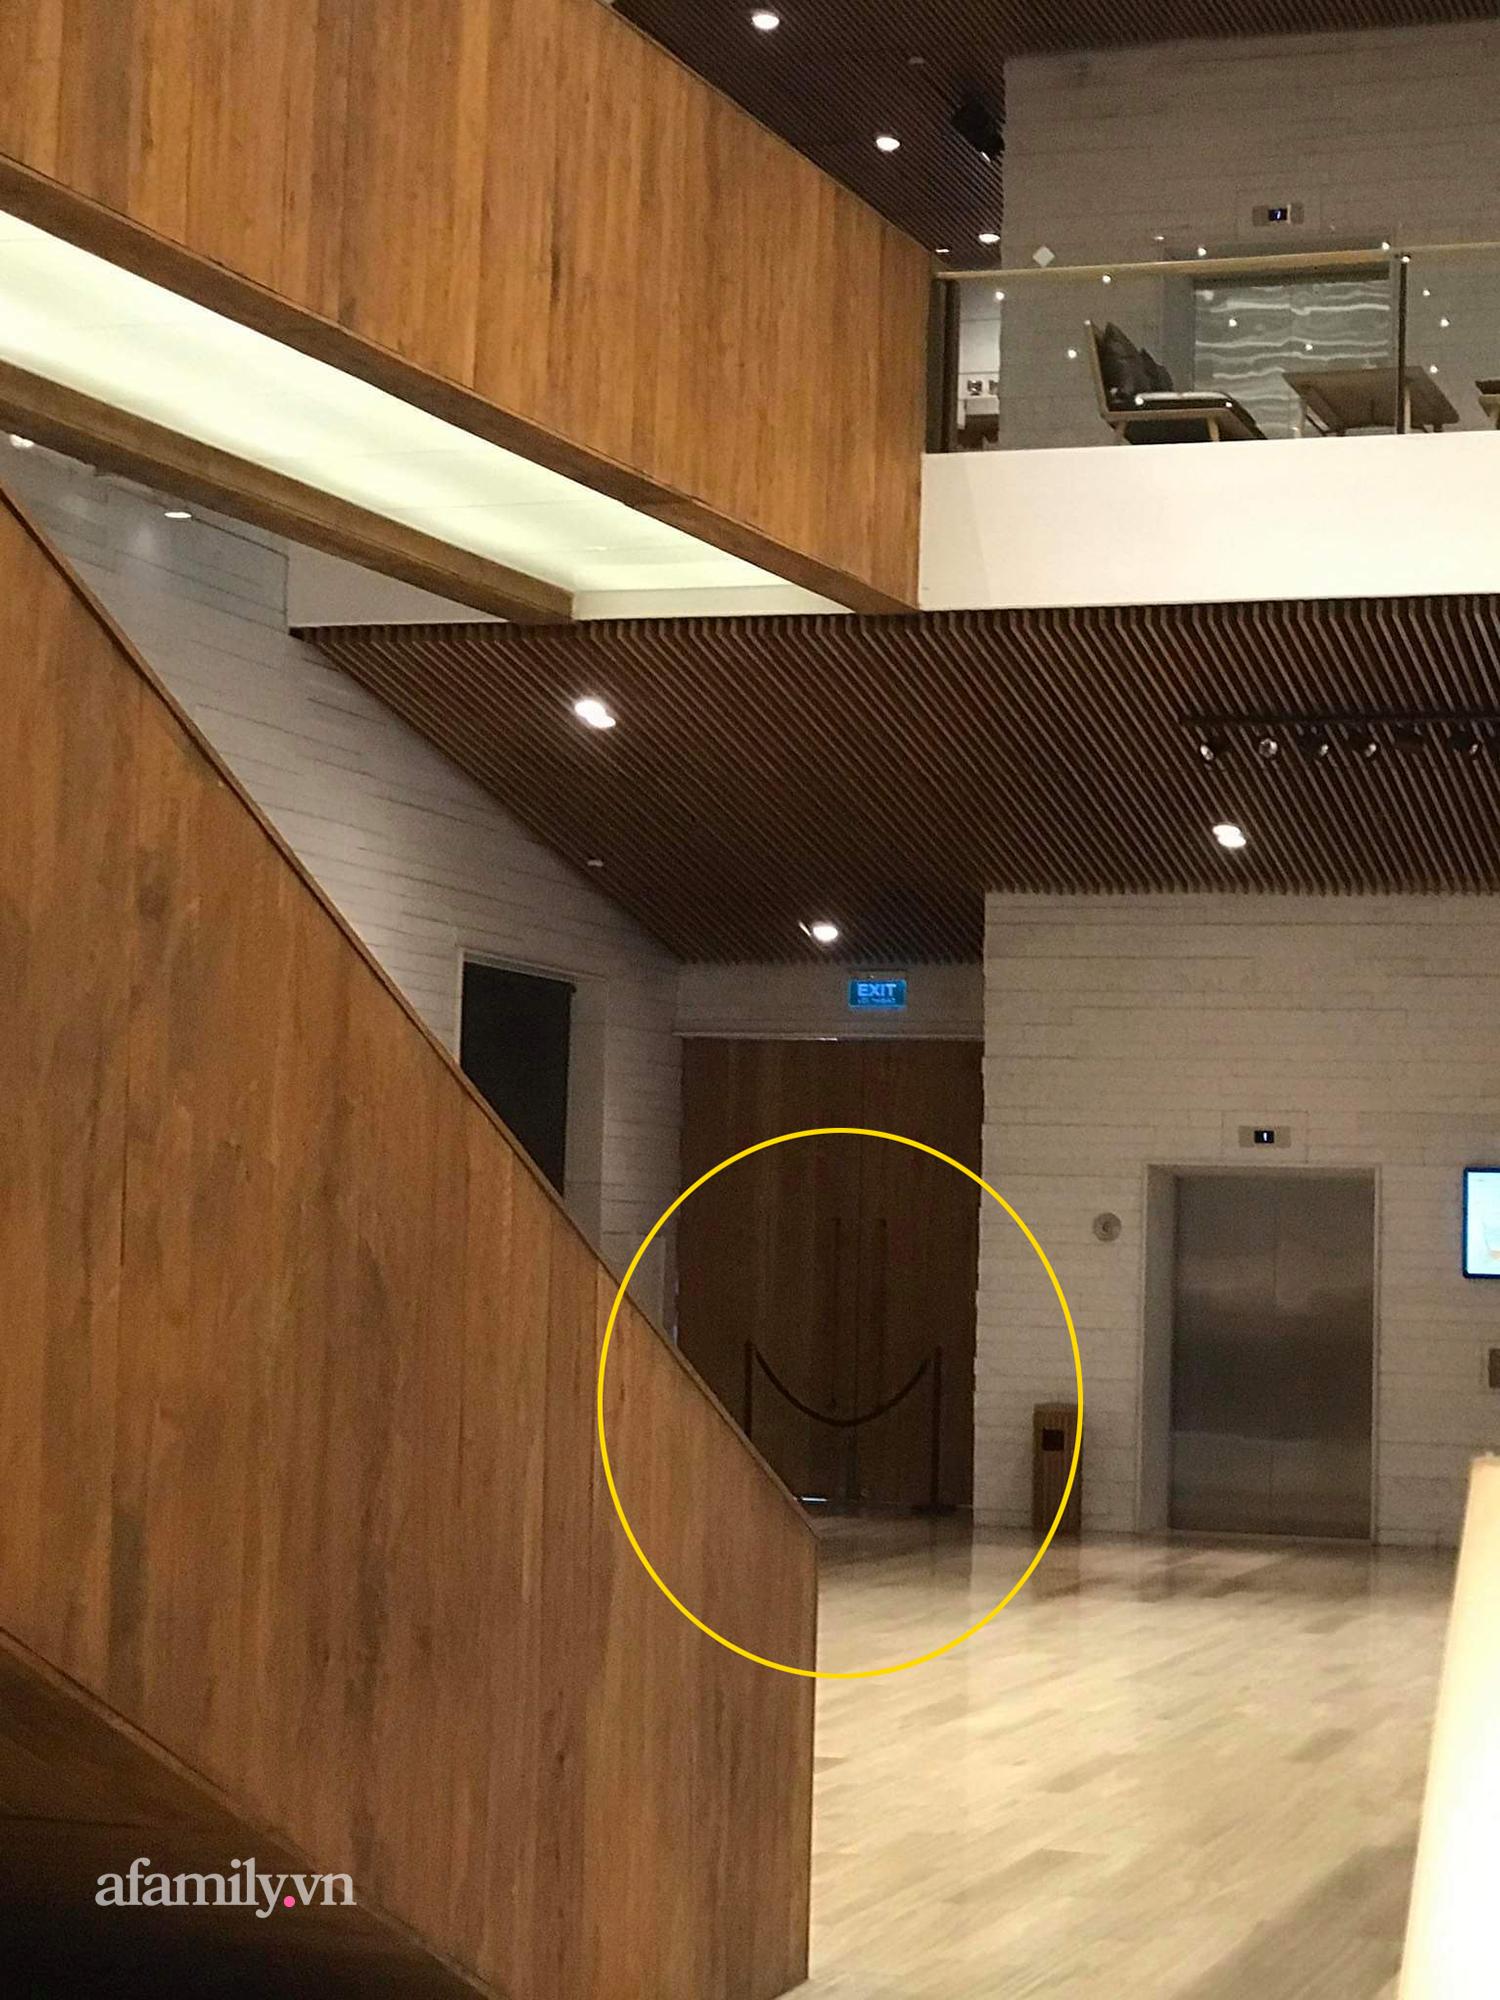 Lối lên tầng 5 khu vực tổ chức lễ cưới đều được chặn tất cả để thống nhất một lối đi riêng.